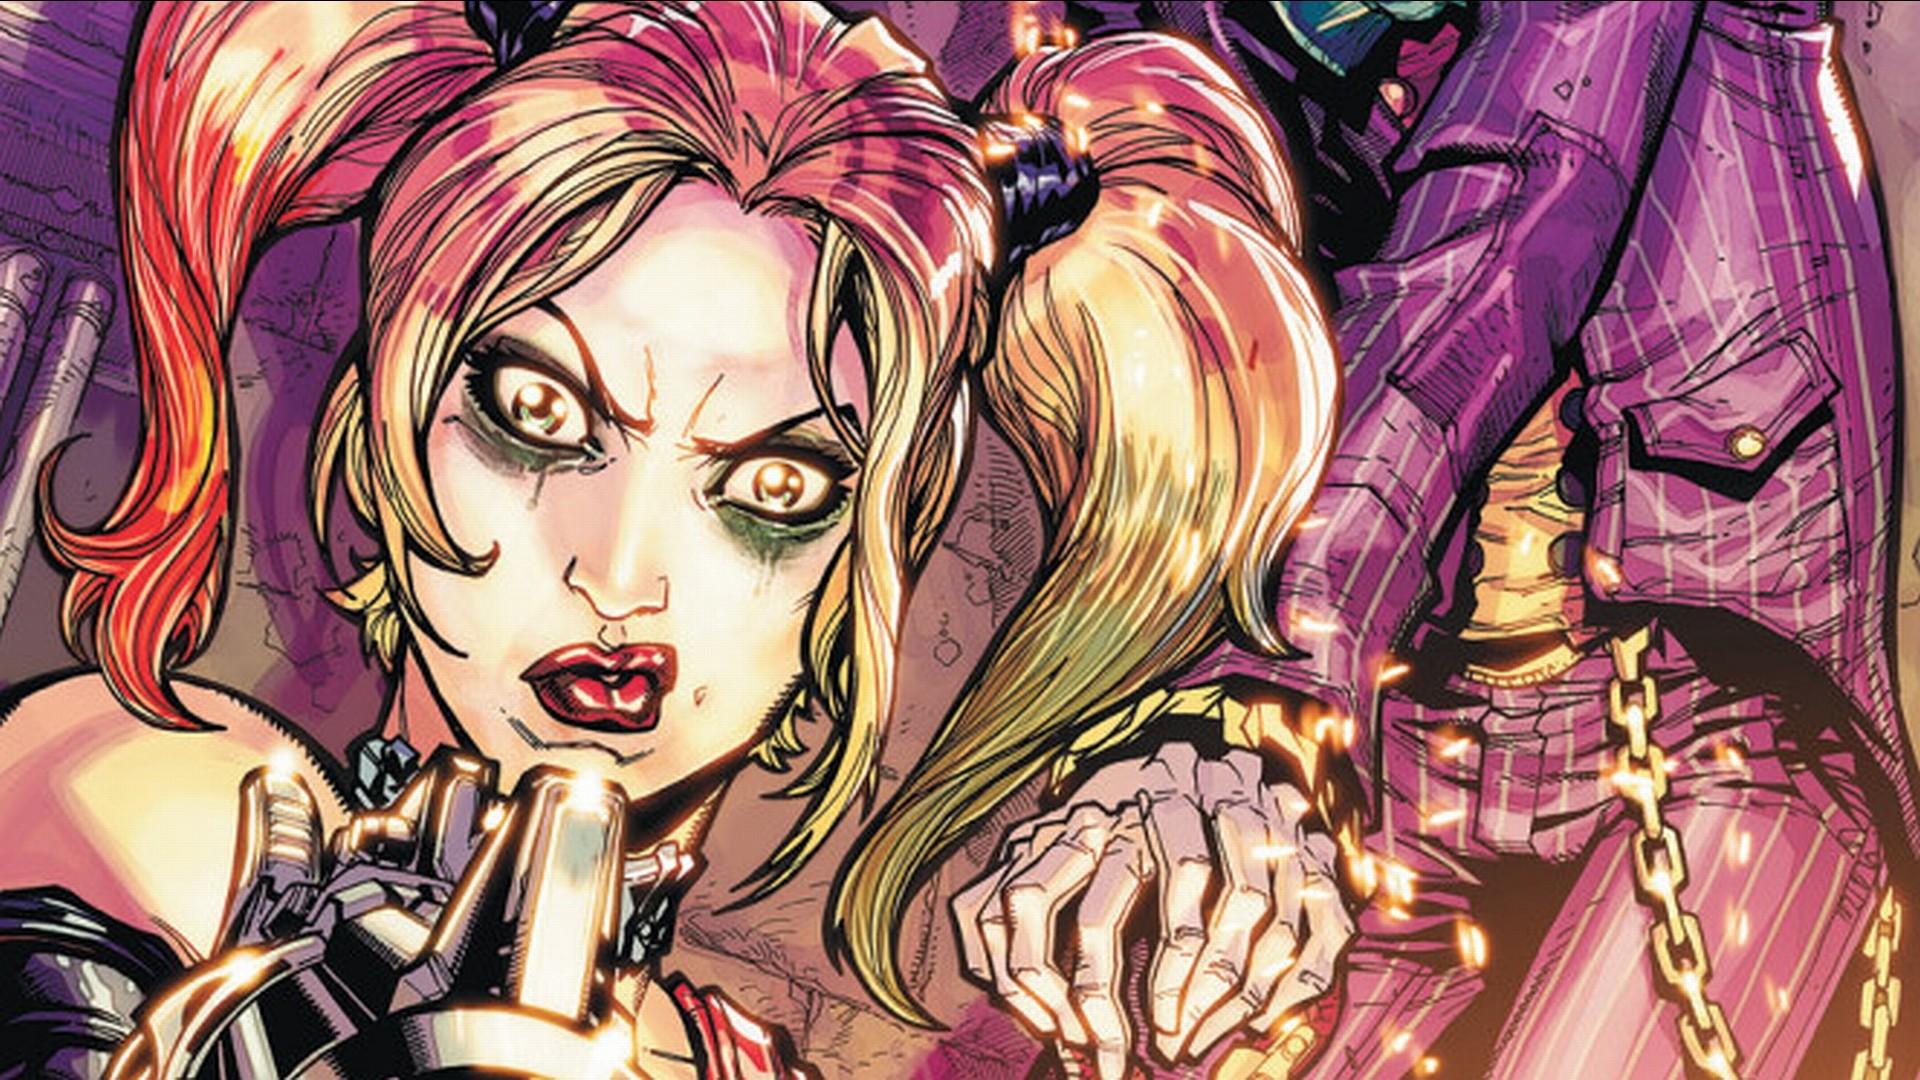 Joker And Harley Quinn Wallpaper (71+ Images